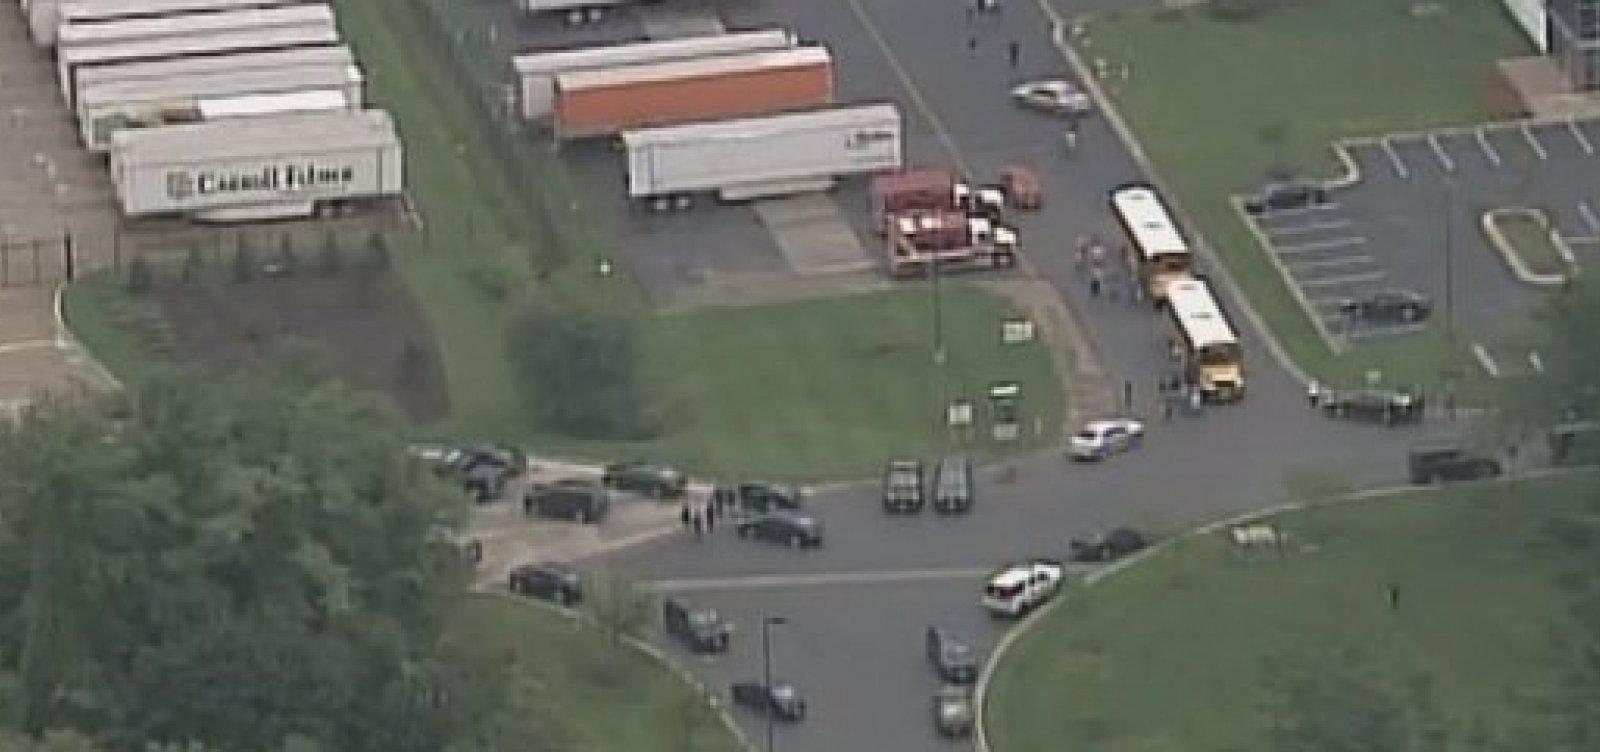 Tiroteio deixa três mortos no subúrbio de Maryland, nos EUA